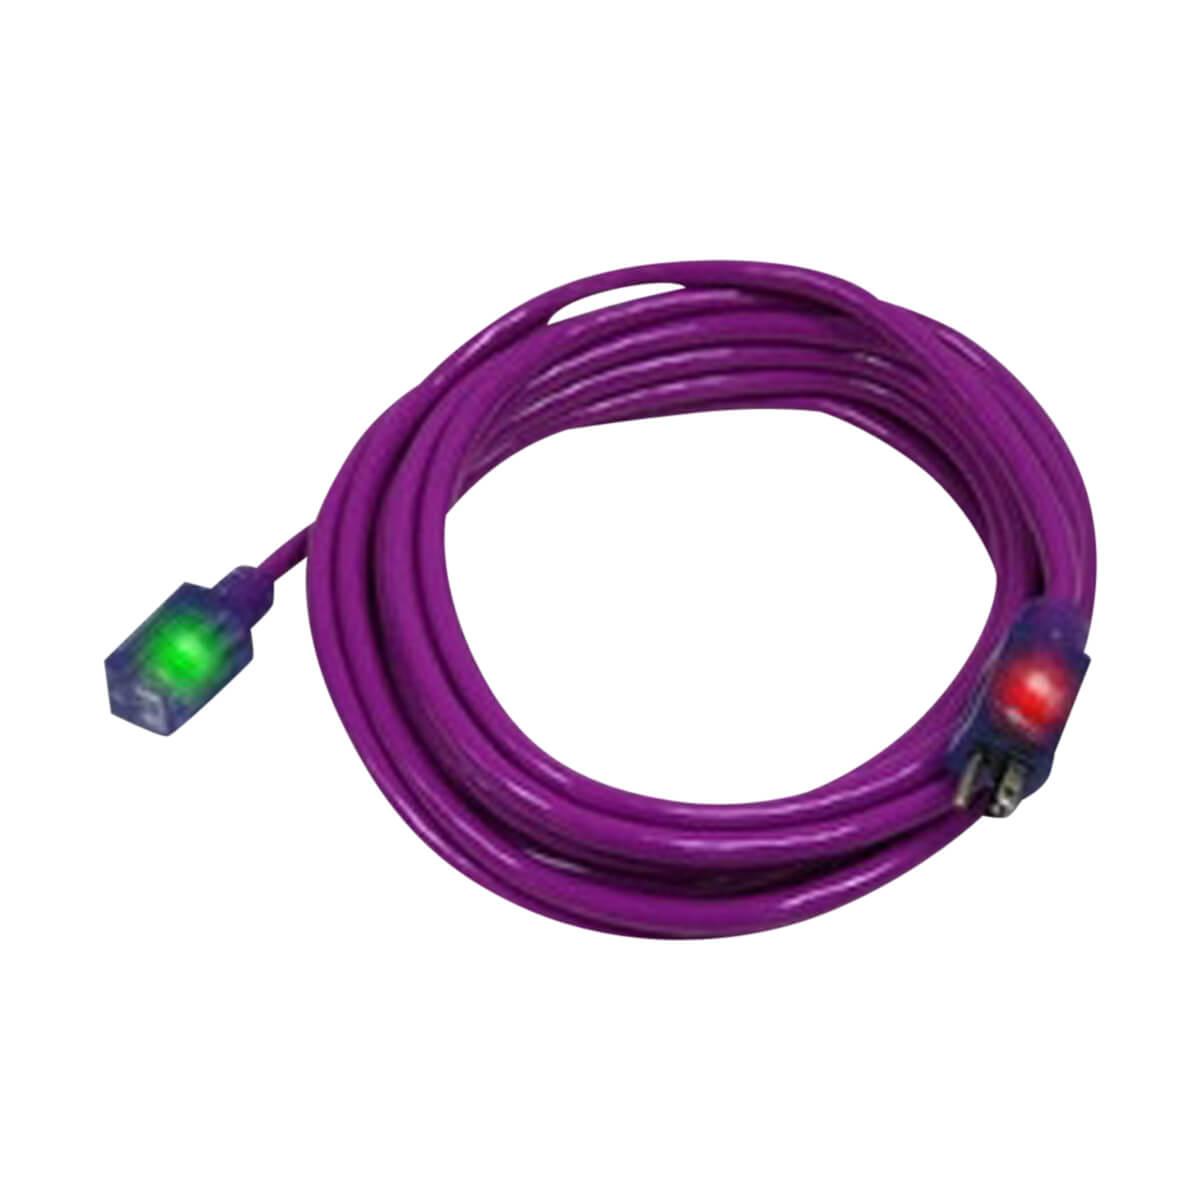 Pro Glo® Extension Cord 100' - Purple